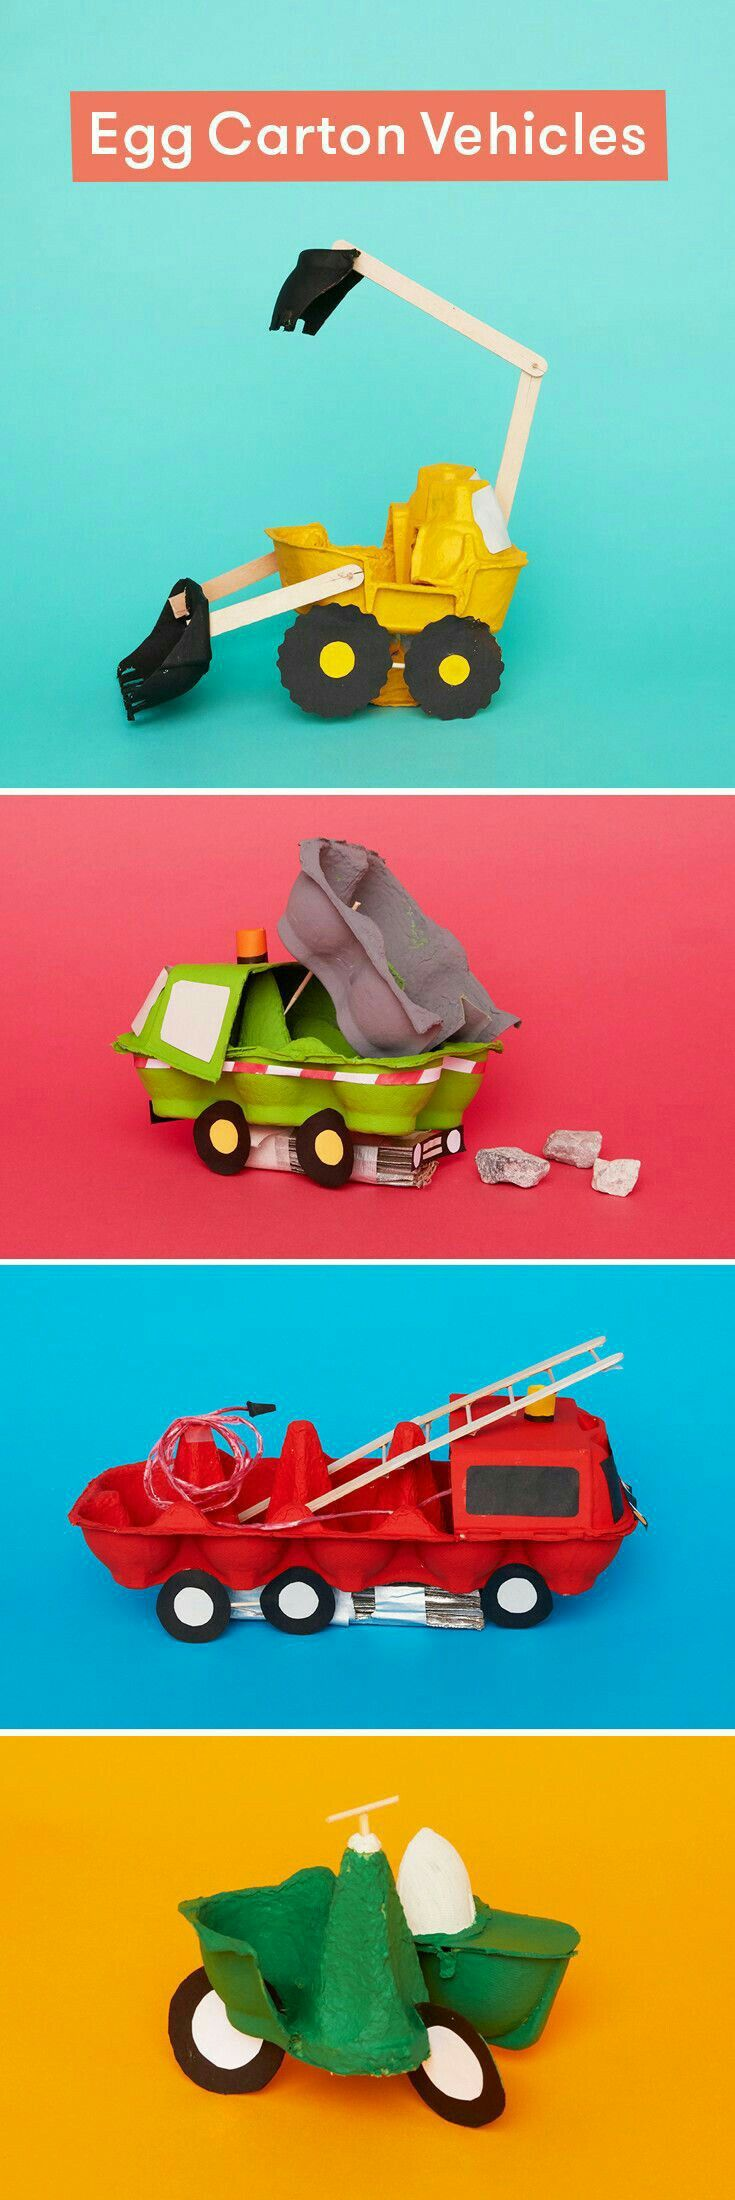 fabriquer des véhicules en carton d'oeufs